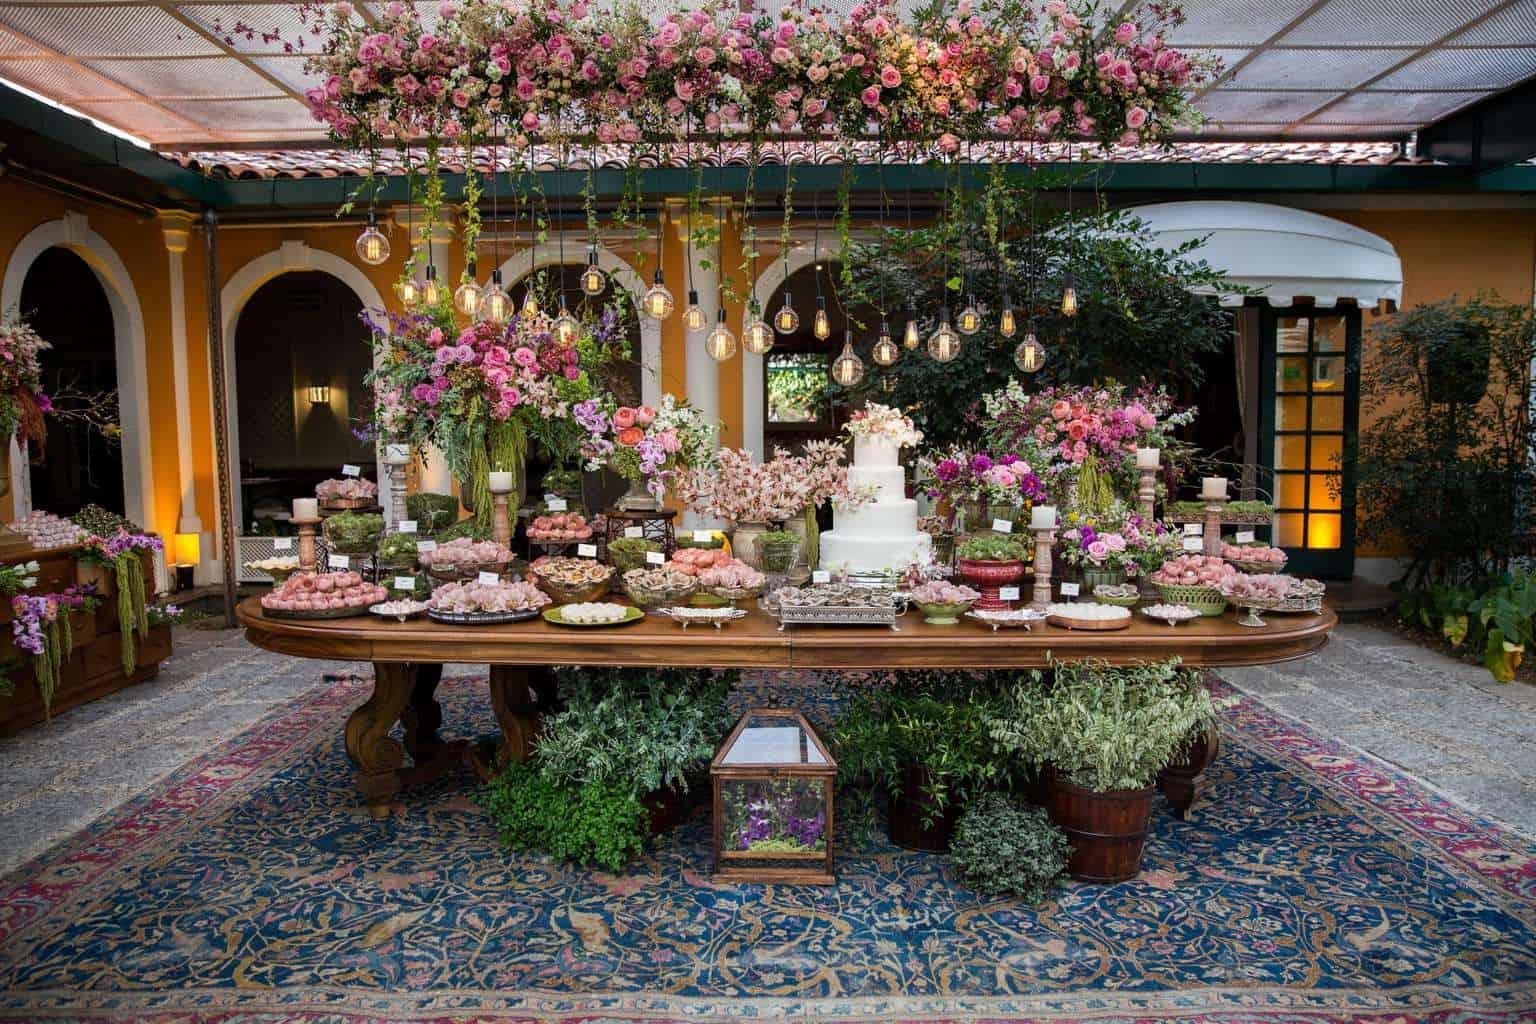 Andrea-Kapps-casamento-de-dia-casamento-na-serra-casamento-romântico-casamento-tradicional-decor-festa-decoração-Locanda-de-La-Mimosa-noiva-rosa-e-lilás-casamento-6